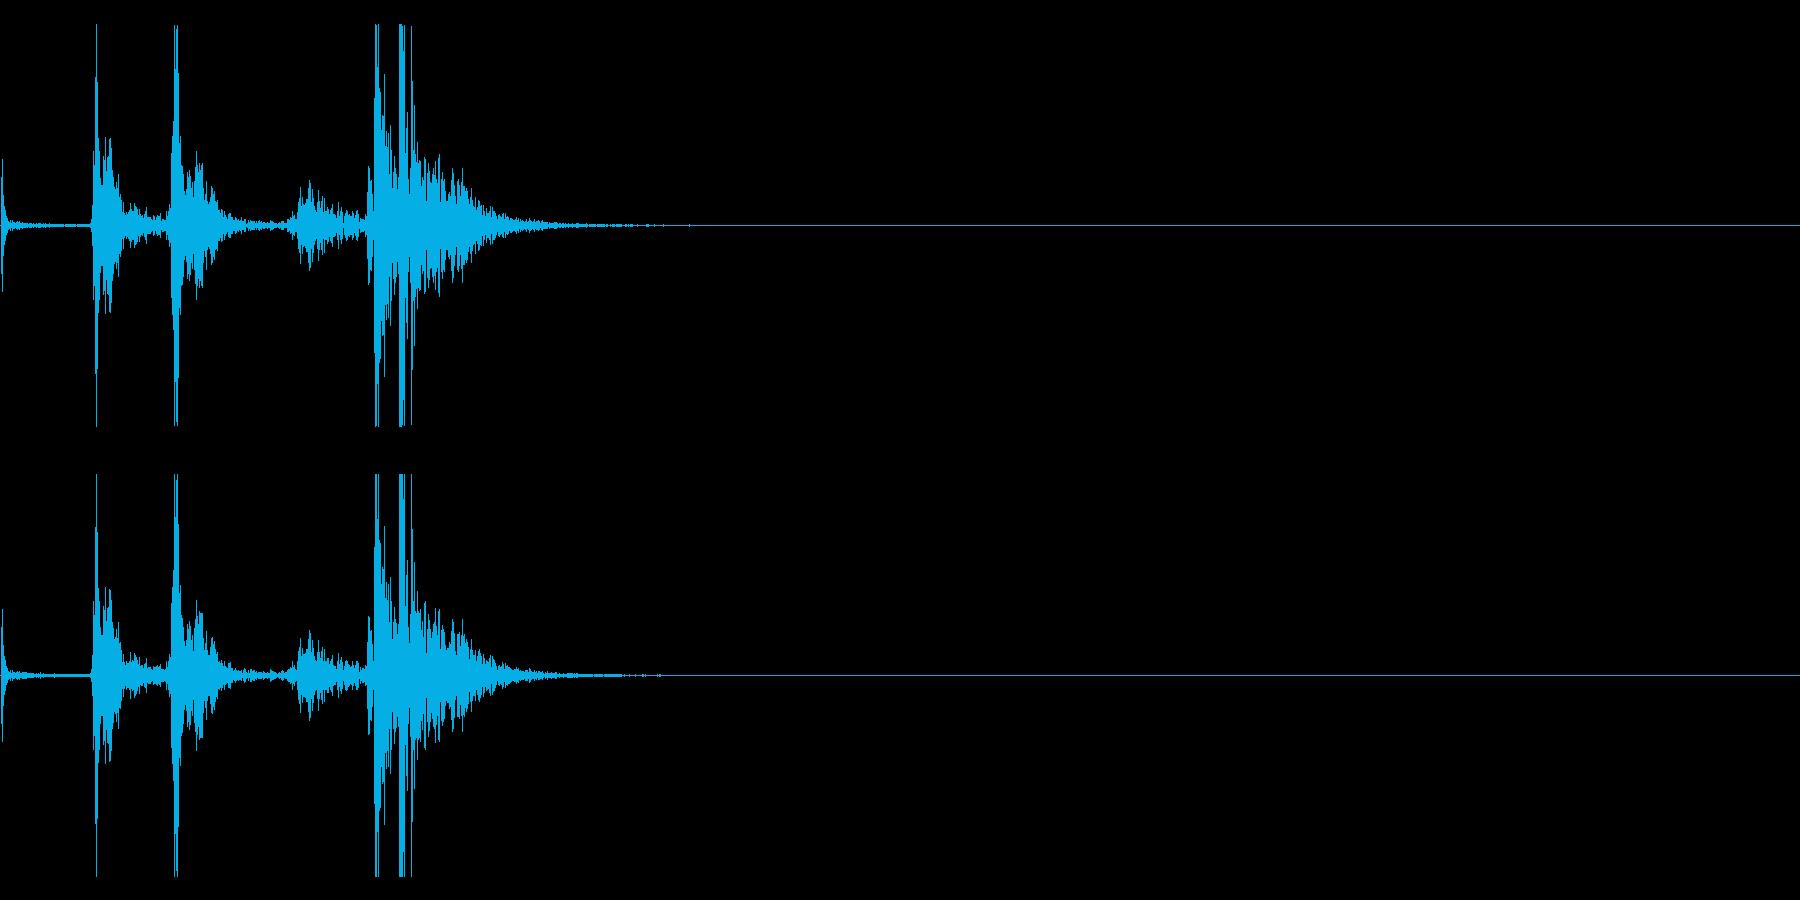 【生録音】タッパー・弁当箱を開ける音 3の再生済みの波形